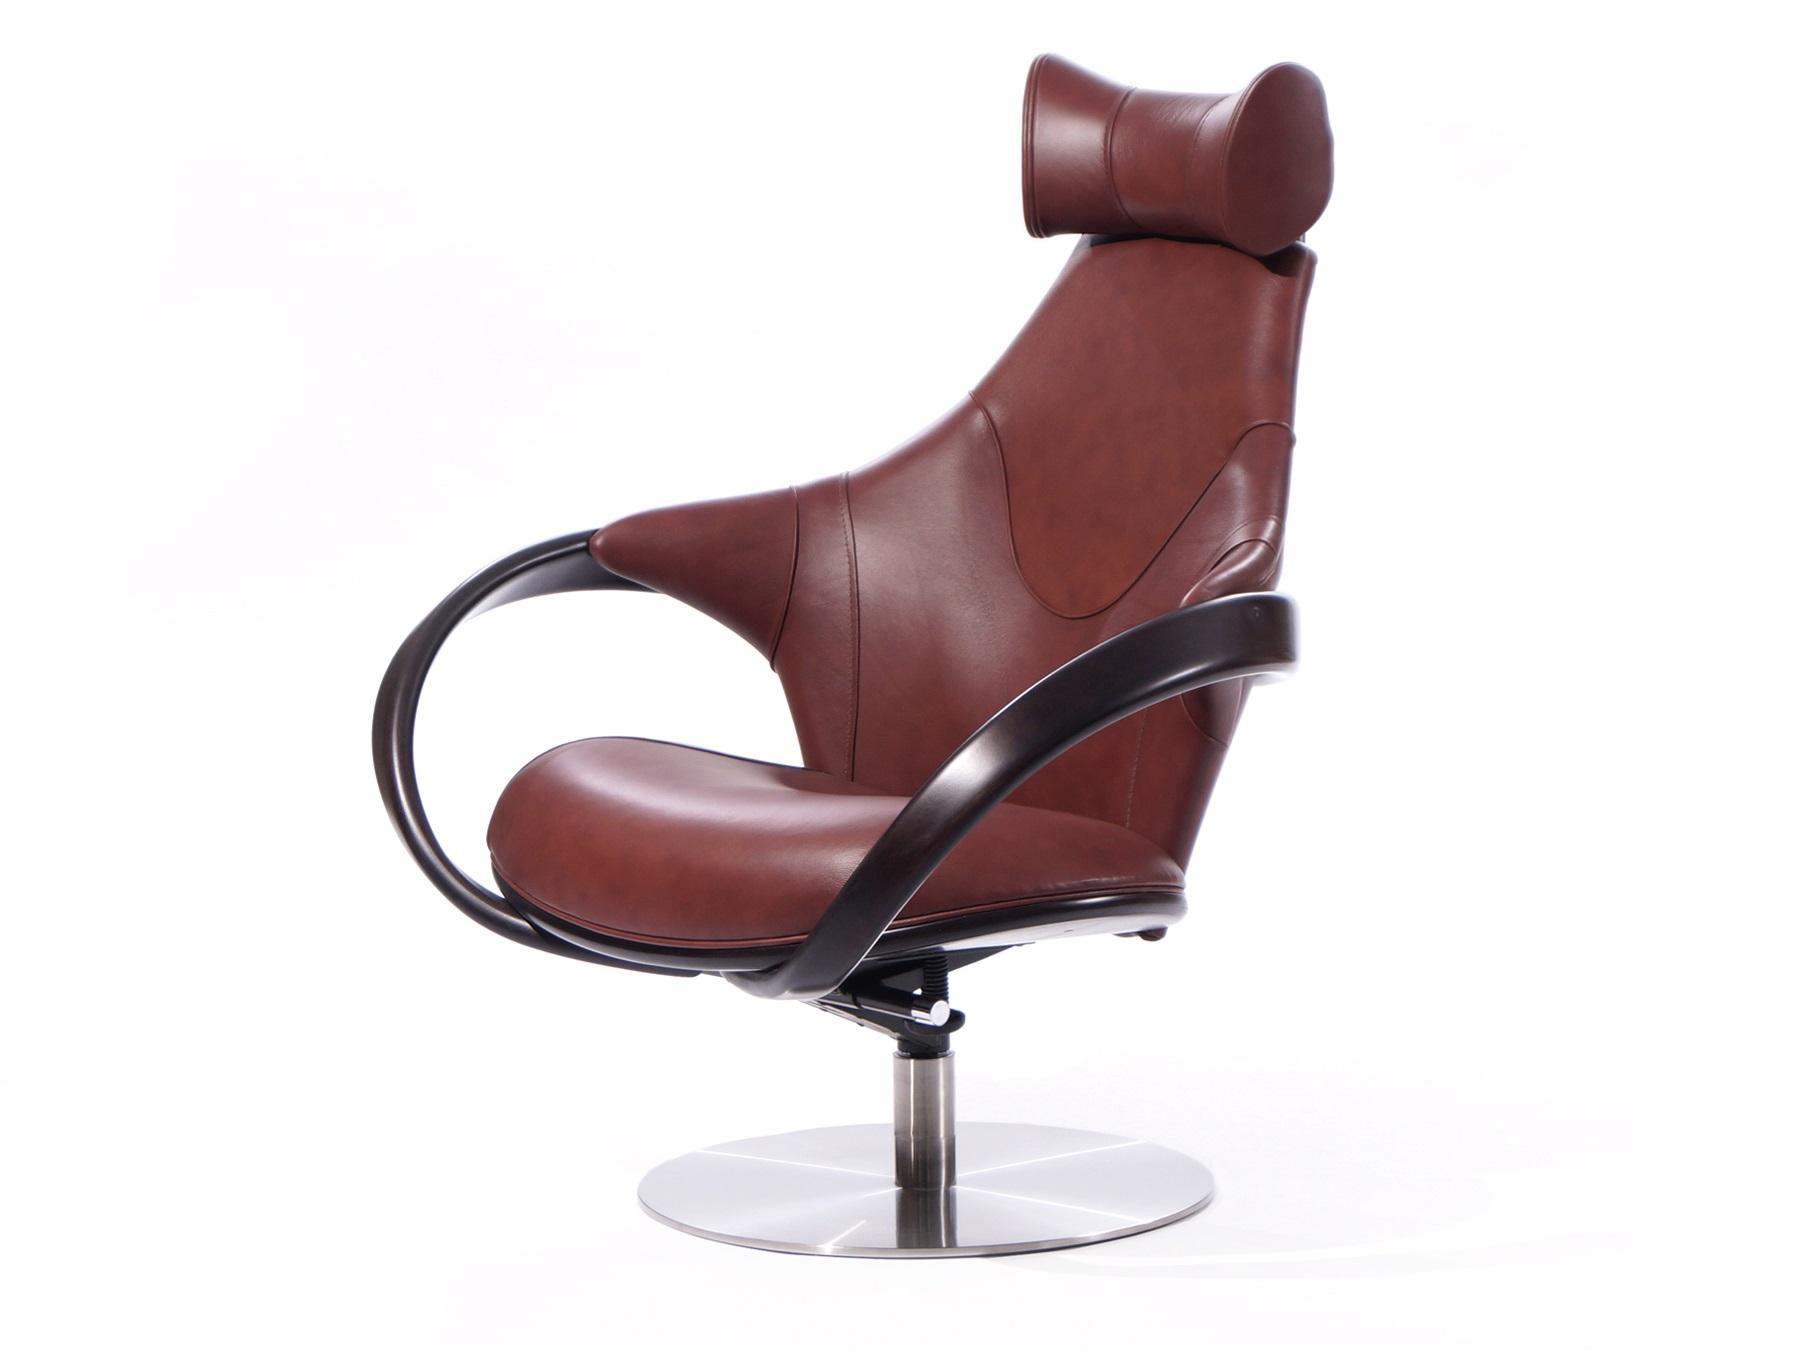 Кресло Apriori RКожаные кресла<br>&amp;lt;div&amp;gt;Удивительно удобное дизайнерское кресло с механизмом качения. Удачно дополнит комплект мягкой мебели в современную гостиную.&amp;amp;nbsp;&amp;lt;/div&amp;gt;&amp;lt;div&amp;gt;&amp;lt;br&amp;gt;&amp;lt;/div&amp;gt;&amp;lt;div&amp;gt;Материал: Натуральное дерево,береза, цвет: венге.&amp;amp;nbsp;&amp;lt;/div&amp;gt;&amp;lt;div&amp;gt;Обивка: кожа.&amp;lt;/div&amp;gt;<br><br>Material: Кожа<br>Length см: None<br>Width см: 85<br>Depth см: 102<br>Height см: 110